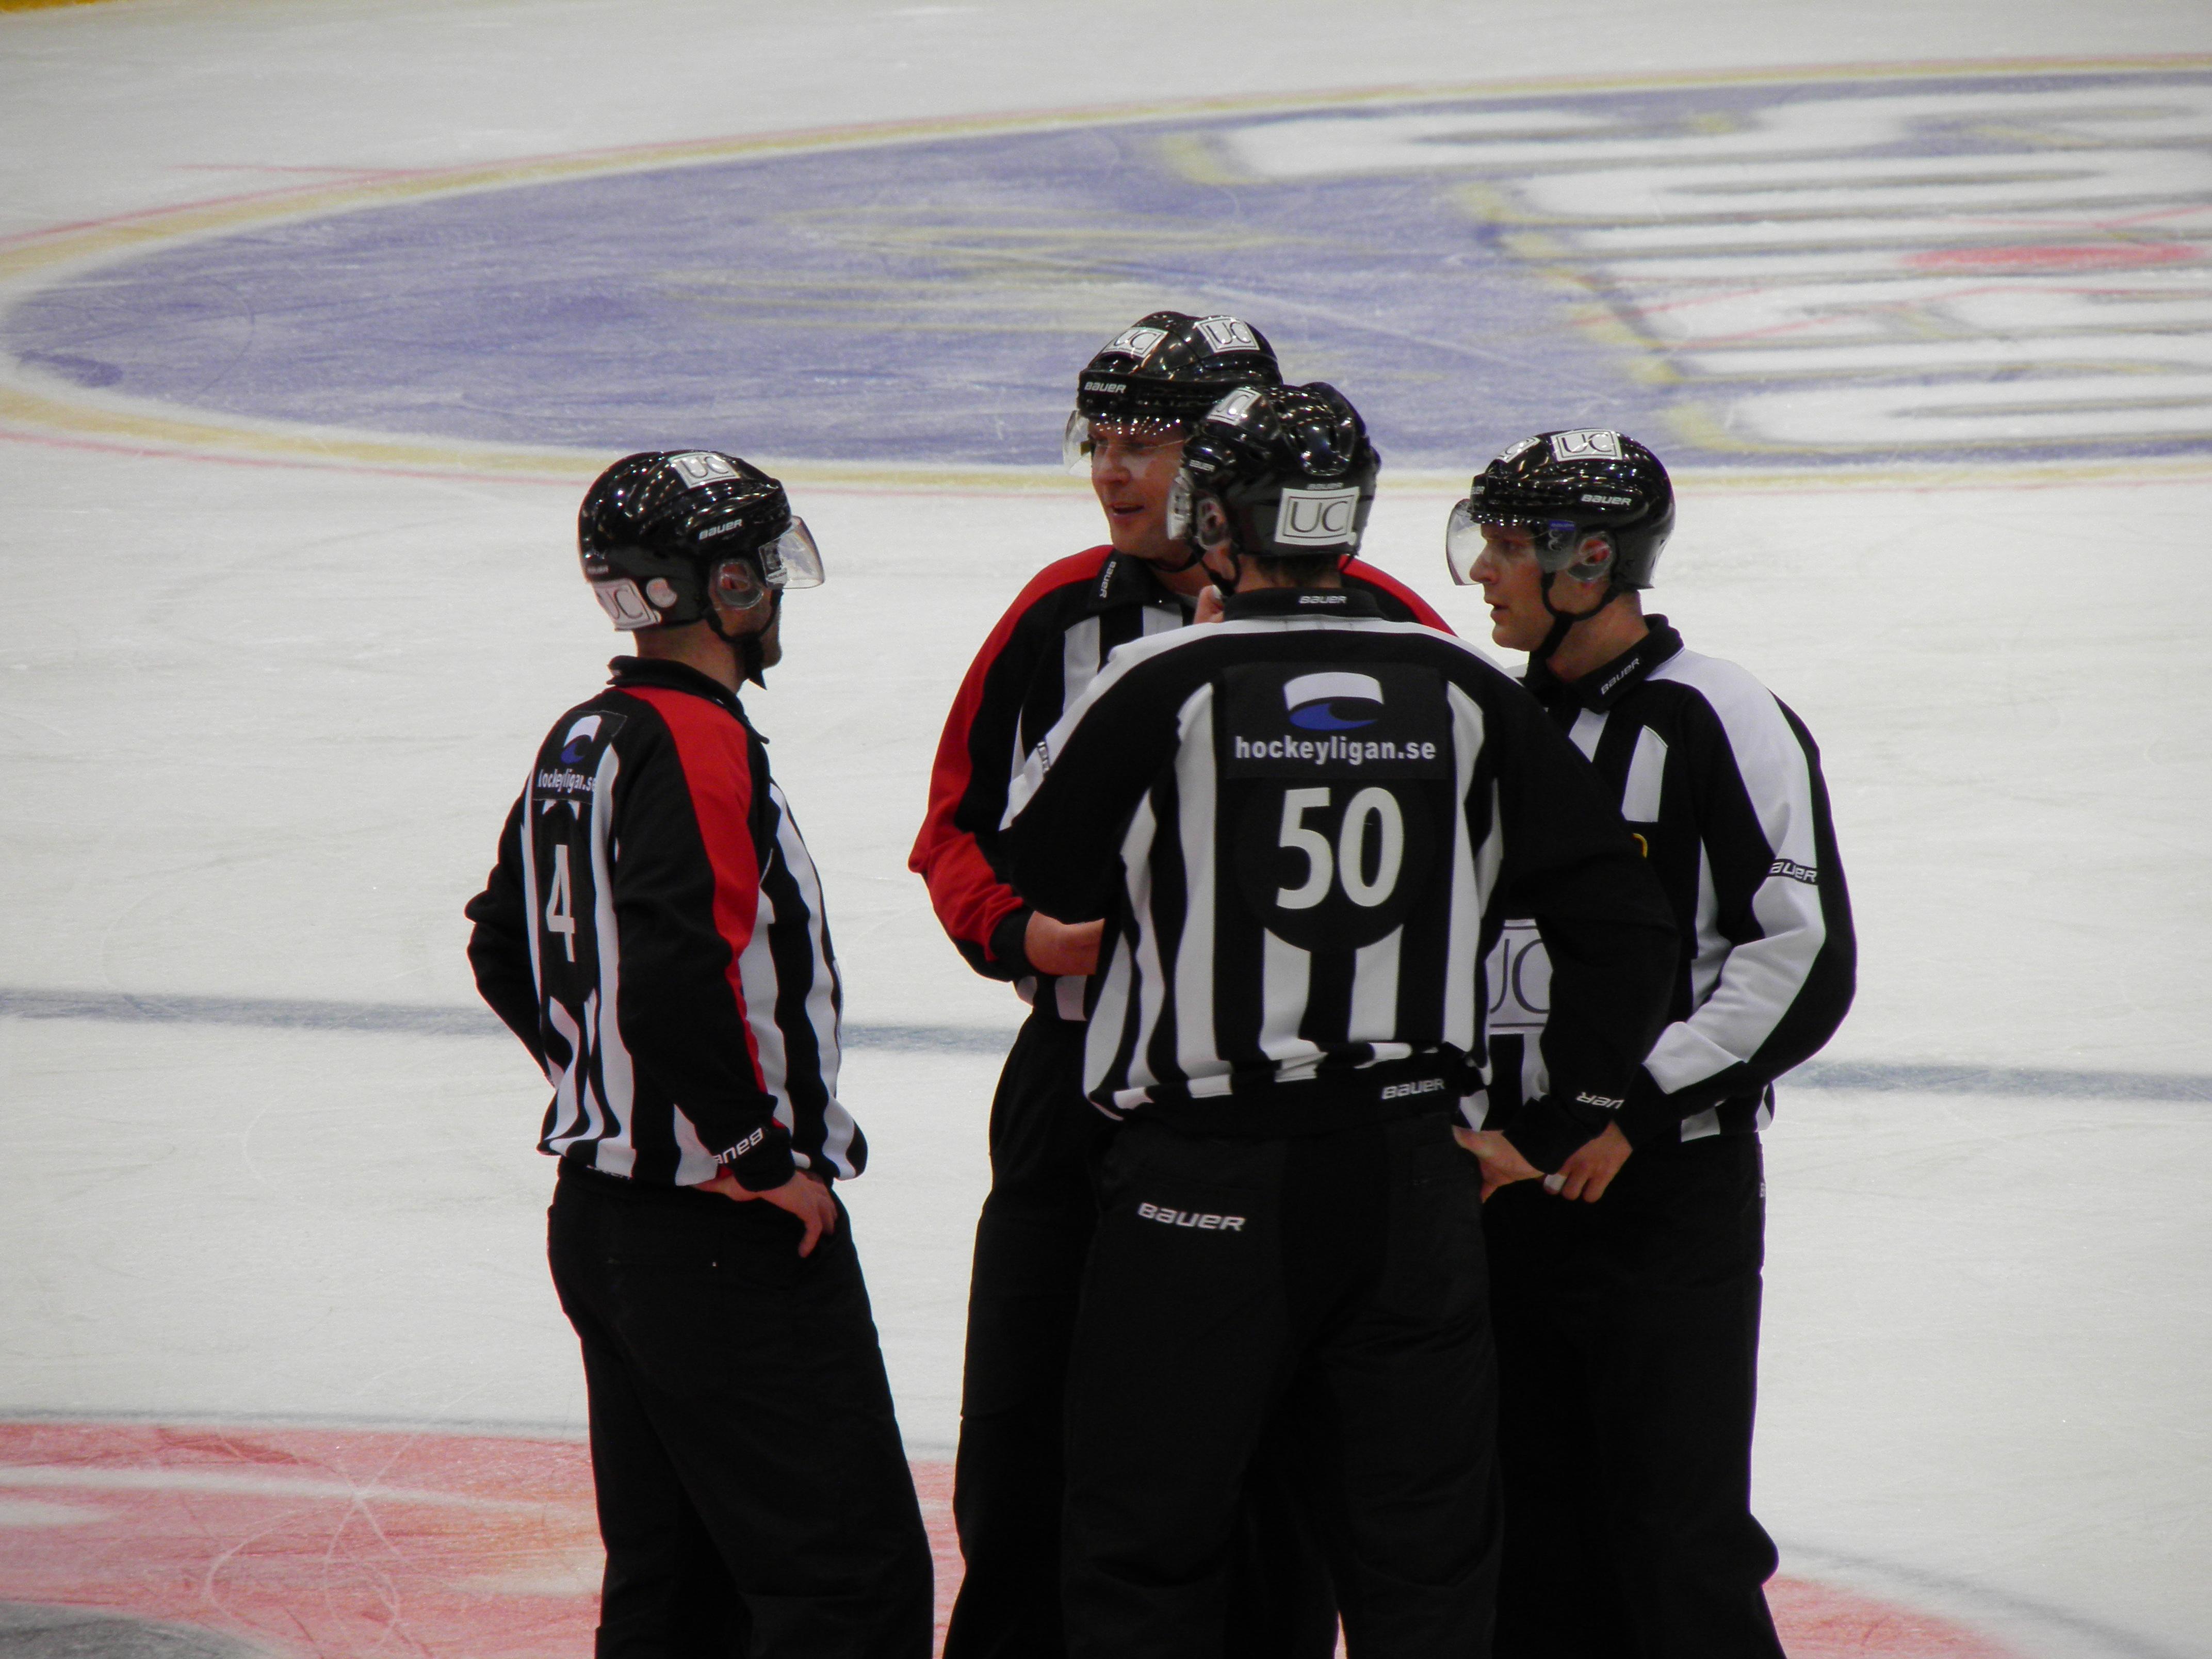 Domarnas insatser måste diskuterar mer med tanke på hur mycket de påverkar spelet- Foto:Marie Angle/fbkbloggen